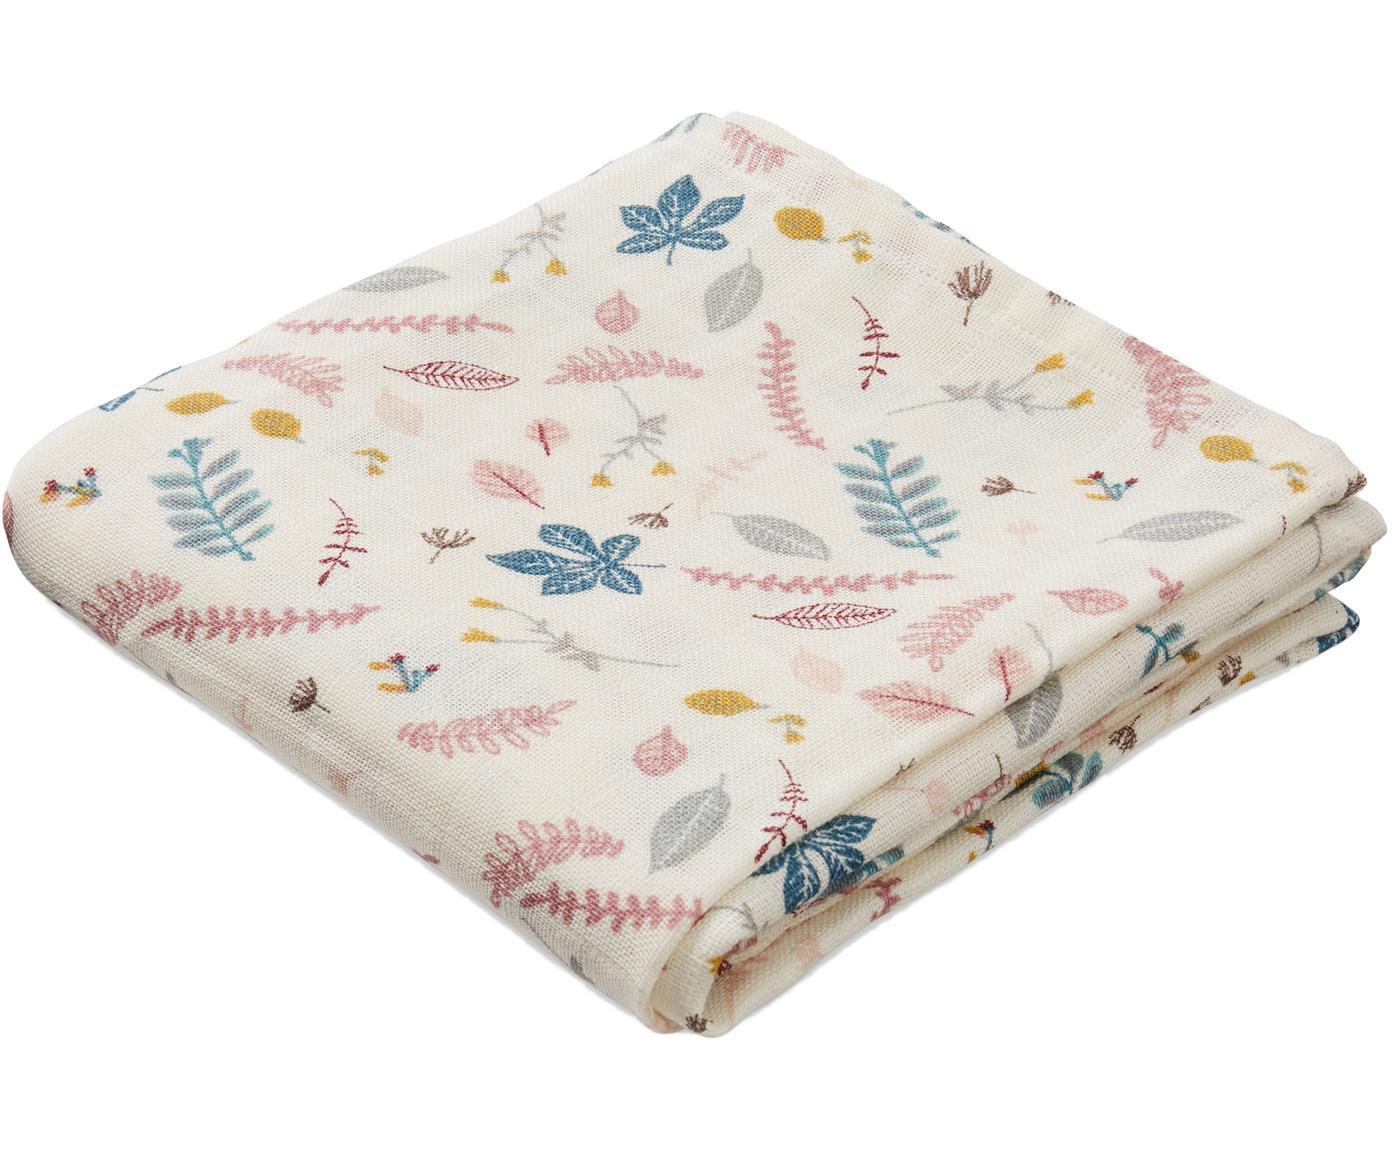 Pieluszka tetrowa z bawełny organicznej Pressed Leaves, 2 szt., Bawełna organiczna, certyfikat GOTS, Kremowy, blady różowy, niebieski, szary, S 70 x D 70 cm